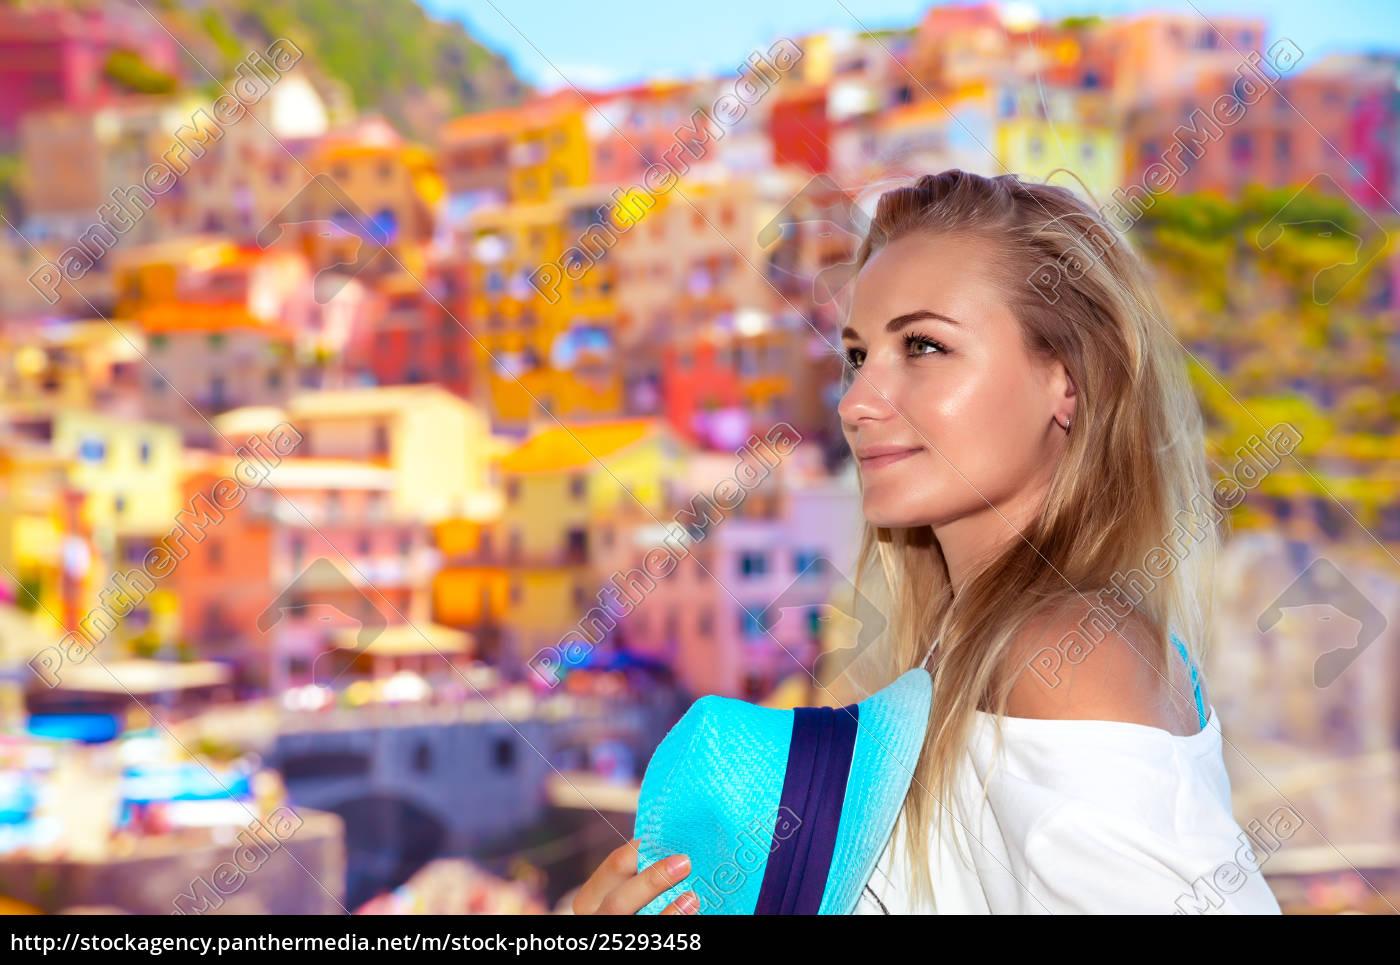 pretty, traveler, girl - 25293458